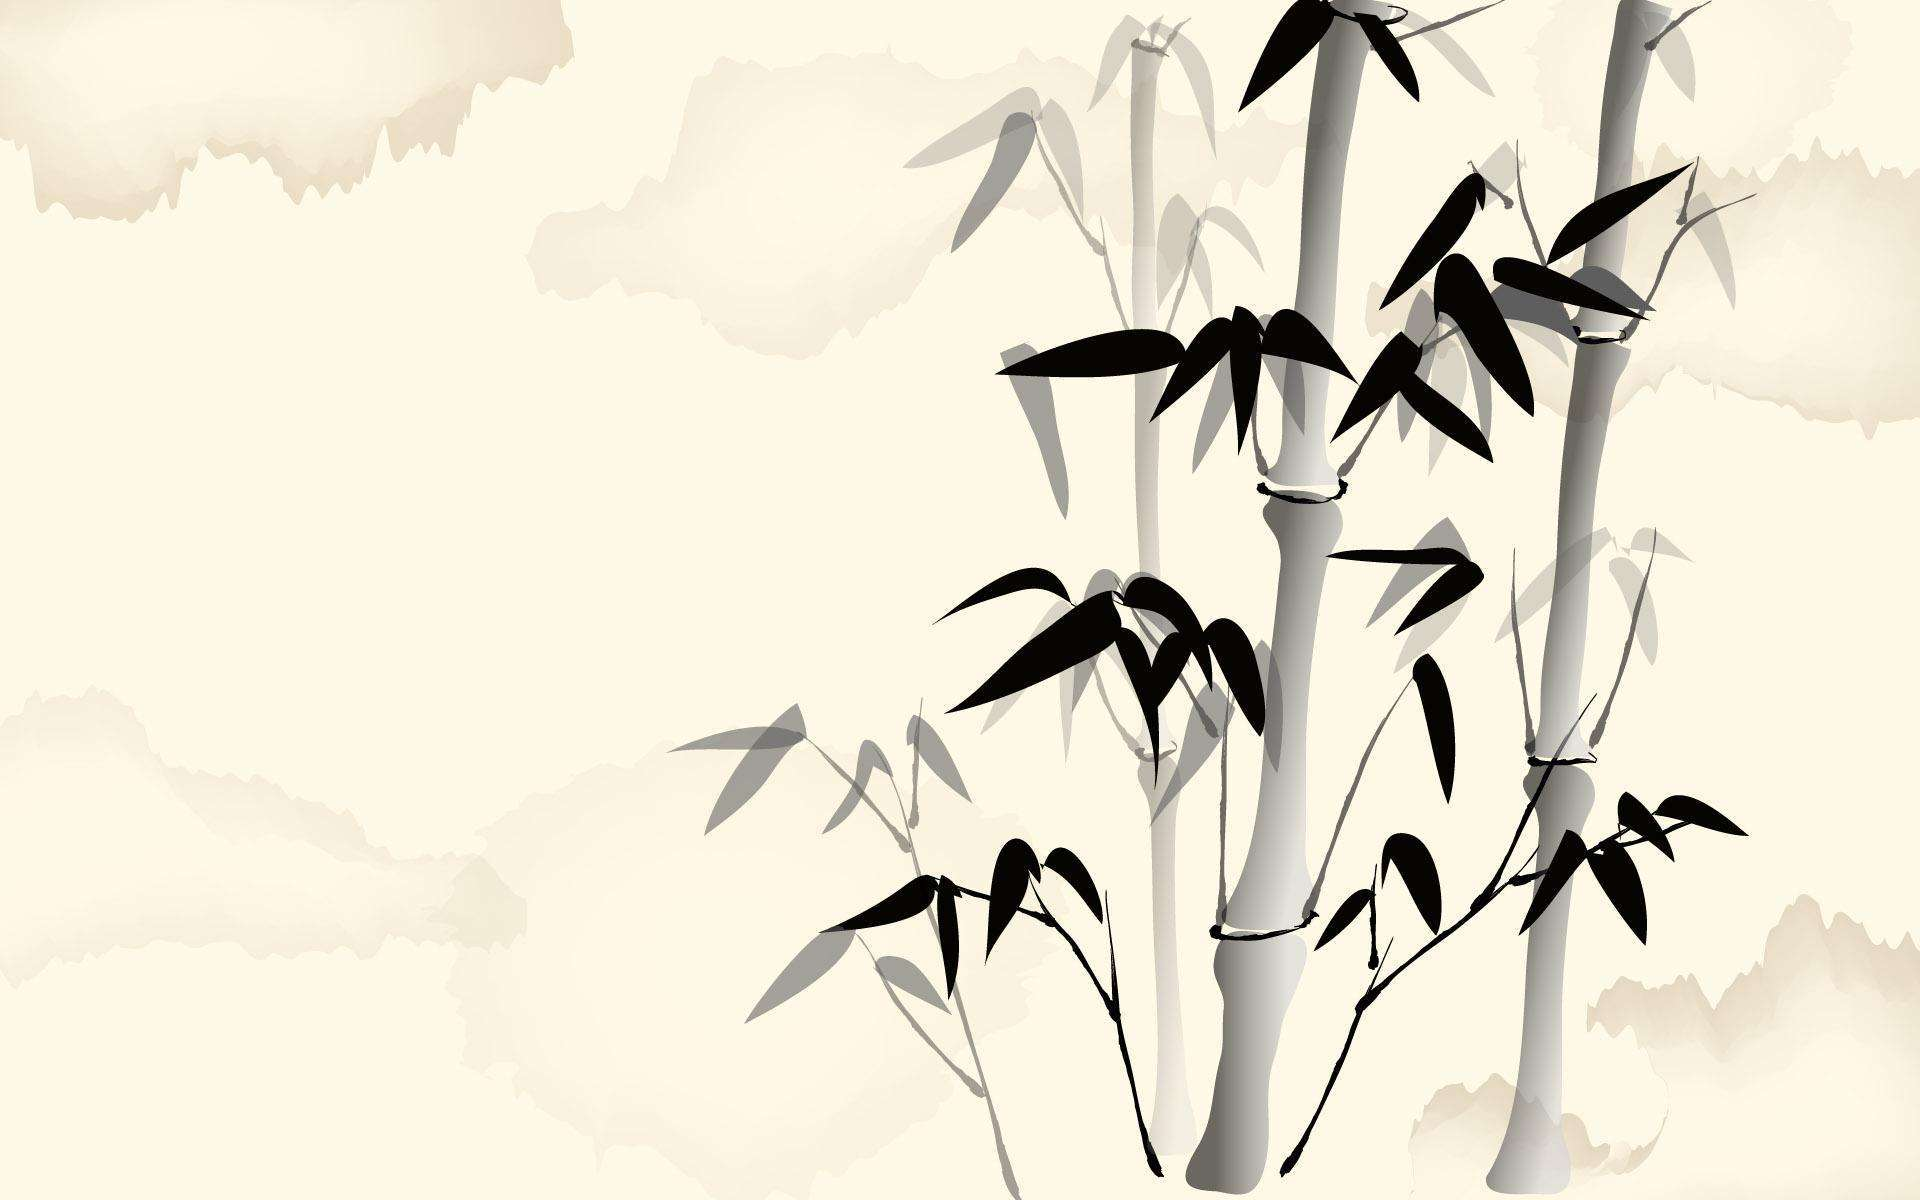 国画风的竹